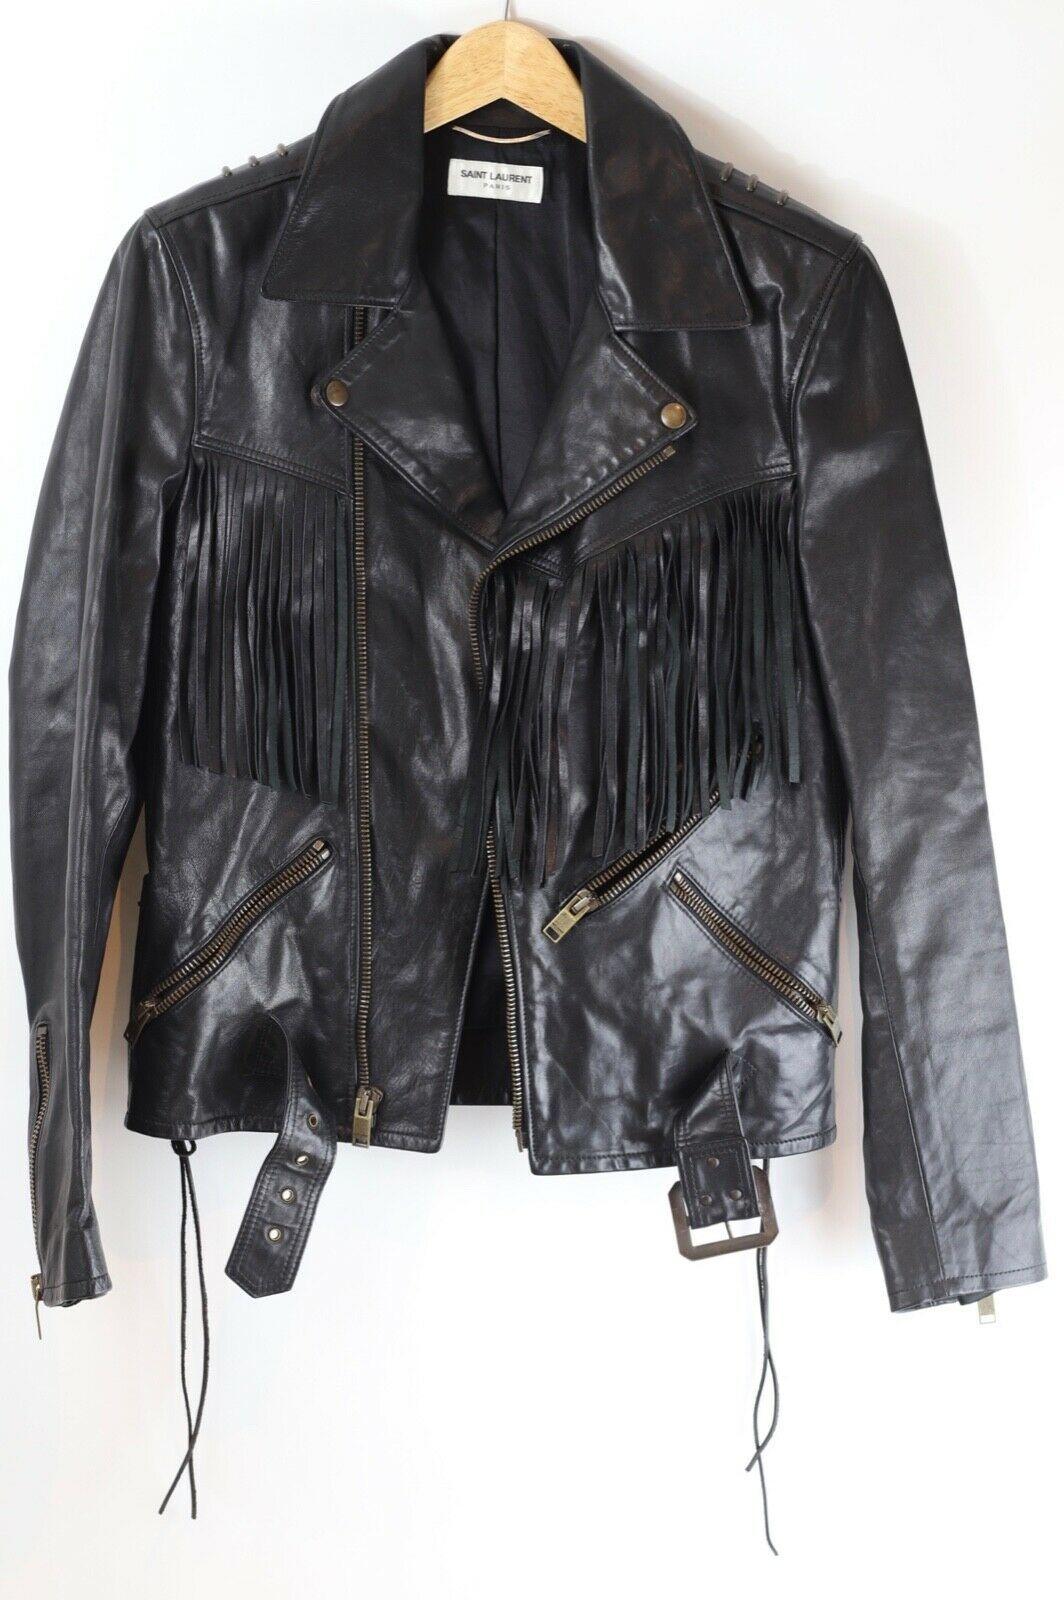 Saint Laurent Paris Sample Fringed Leather Jacket Size S